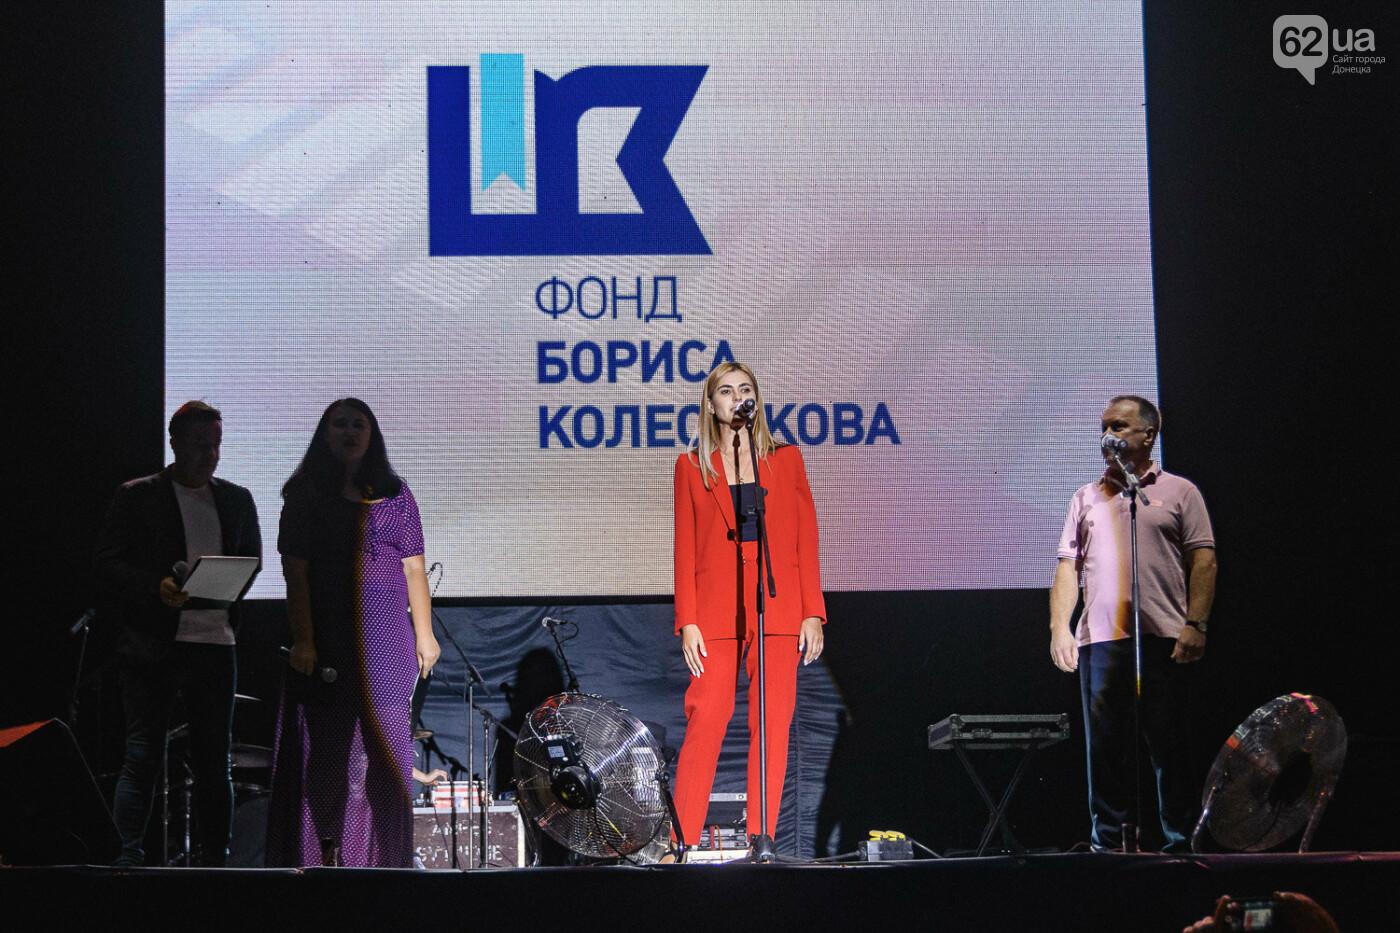 В День Константиновки гостей ожидало меню от шеф-повара и выступление звезд эстрады, фото-11